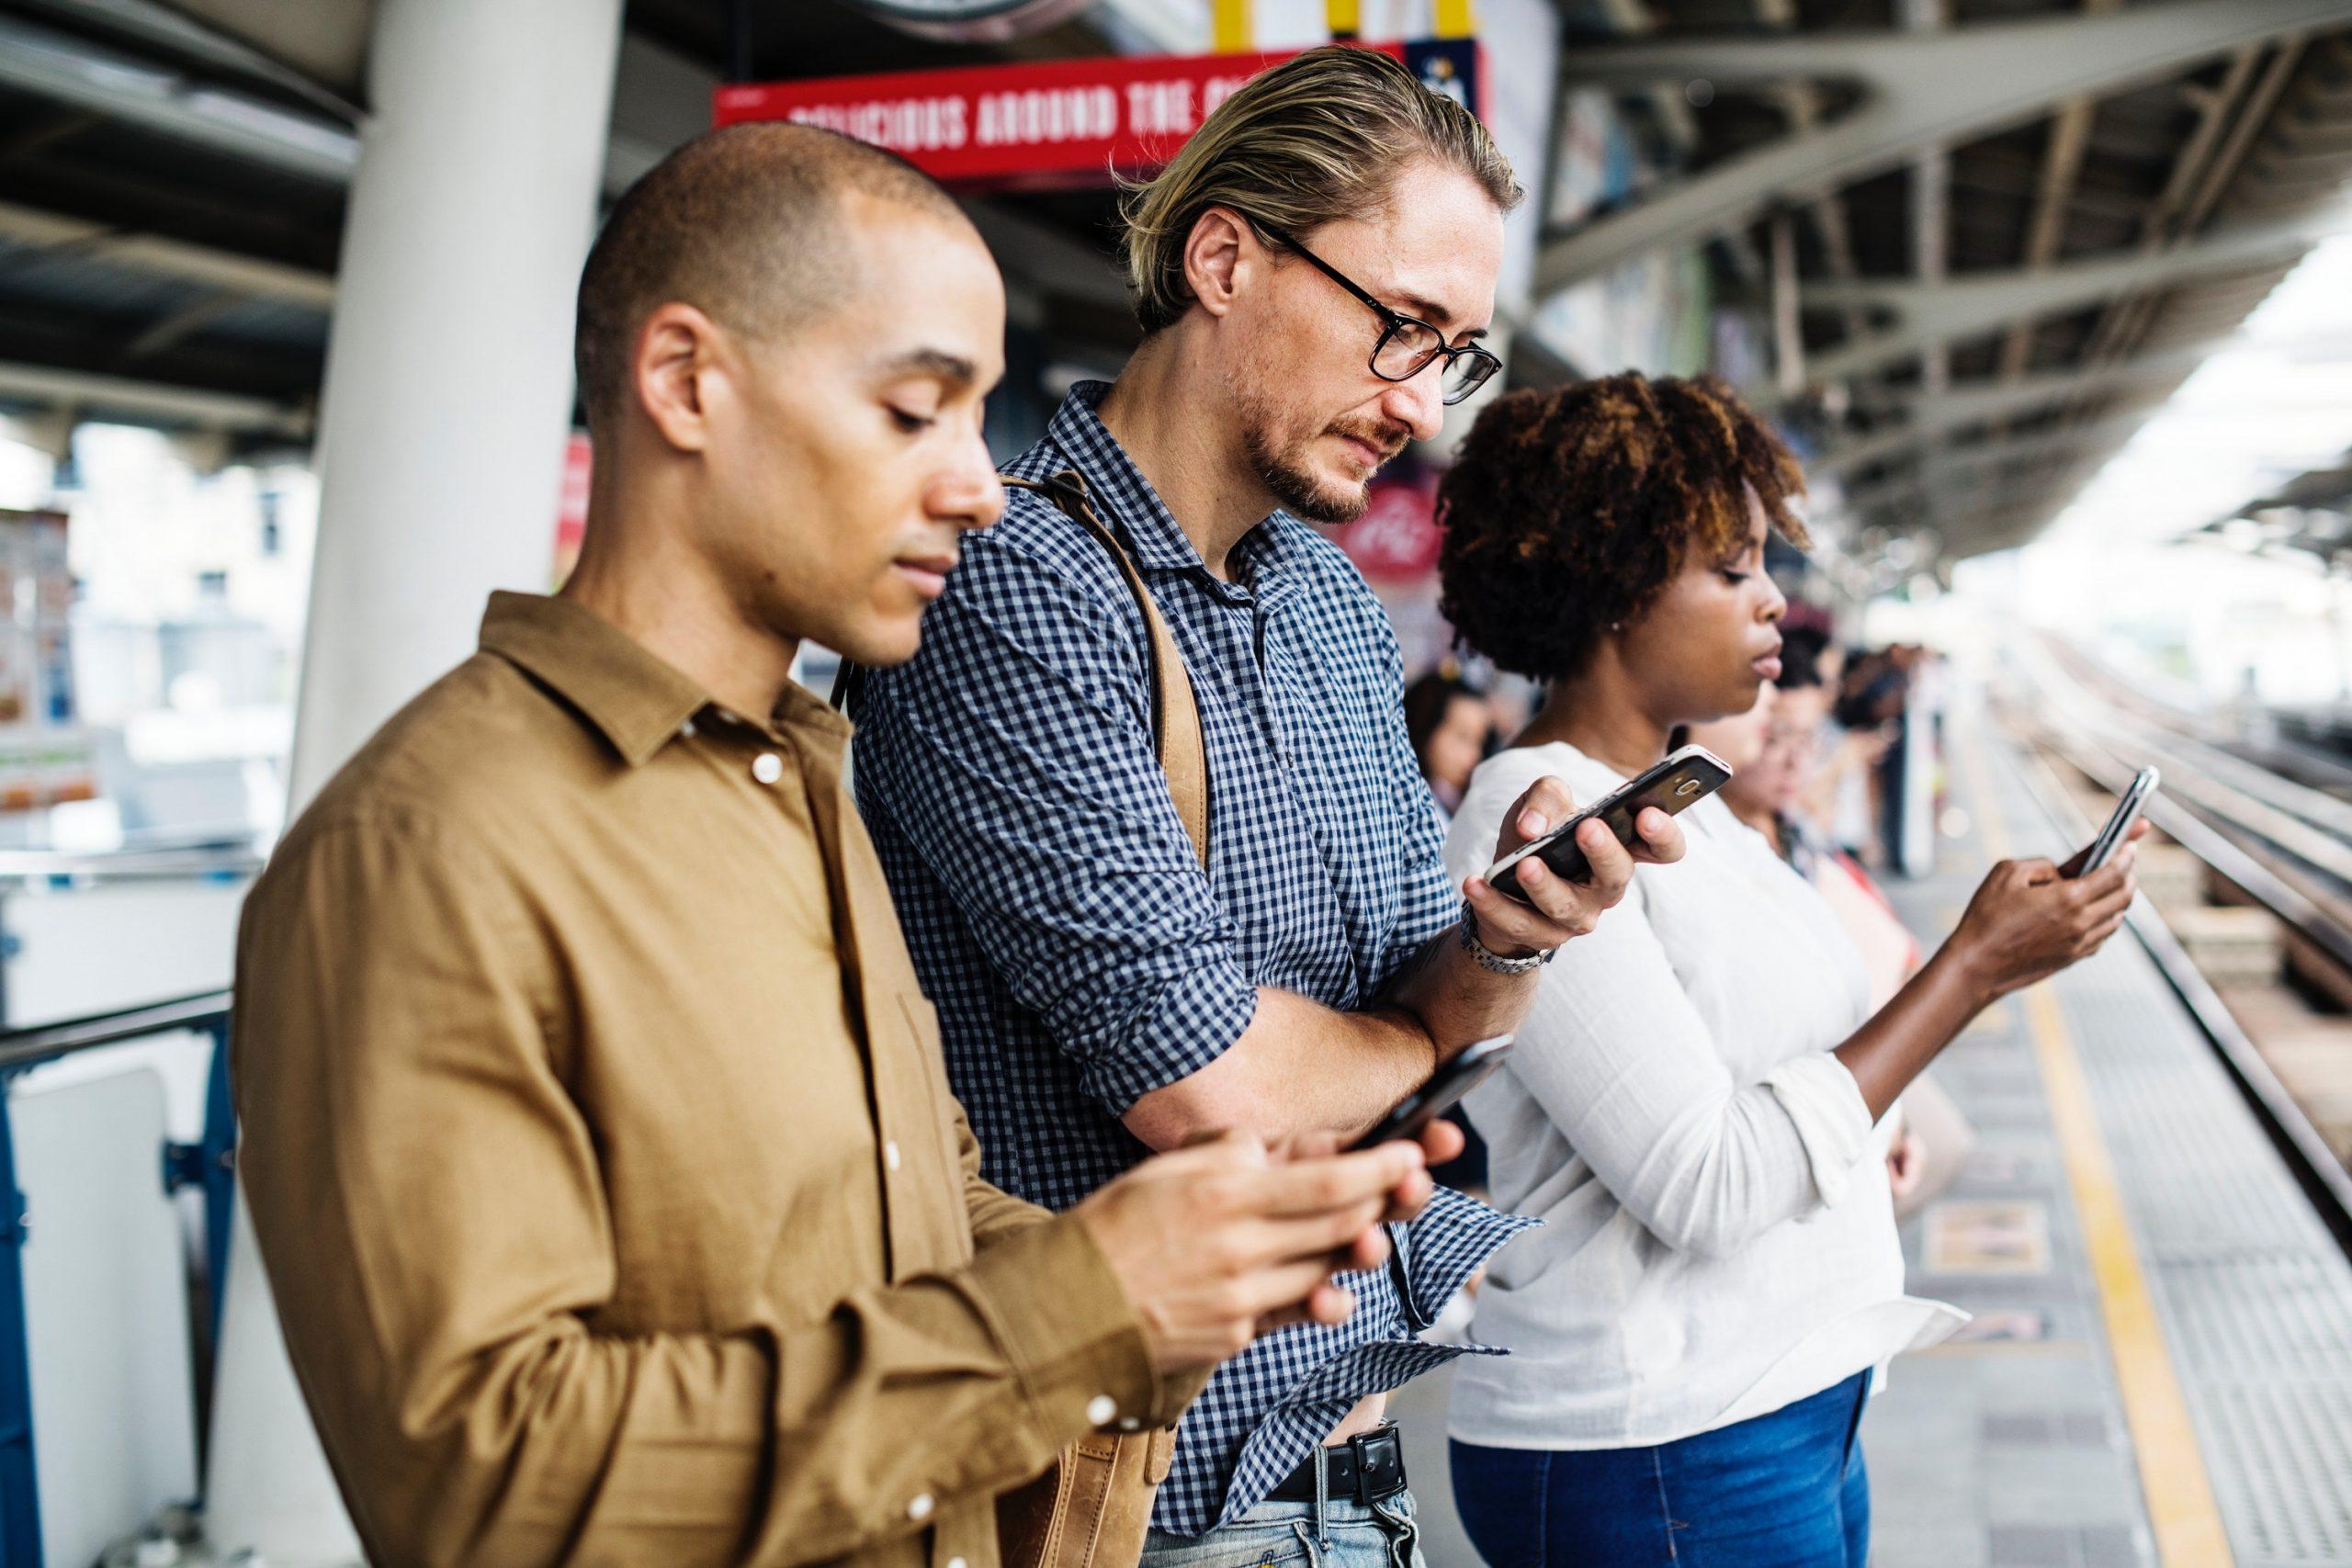 quel forfait mobile choisir pour acceder à internet en voyage à l'étranger